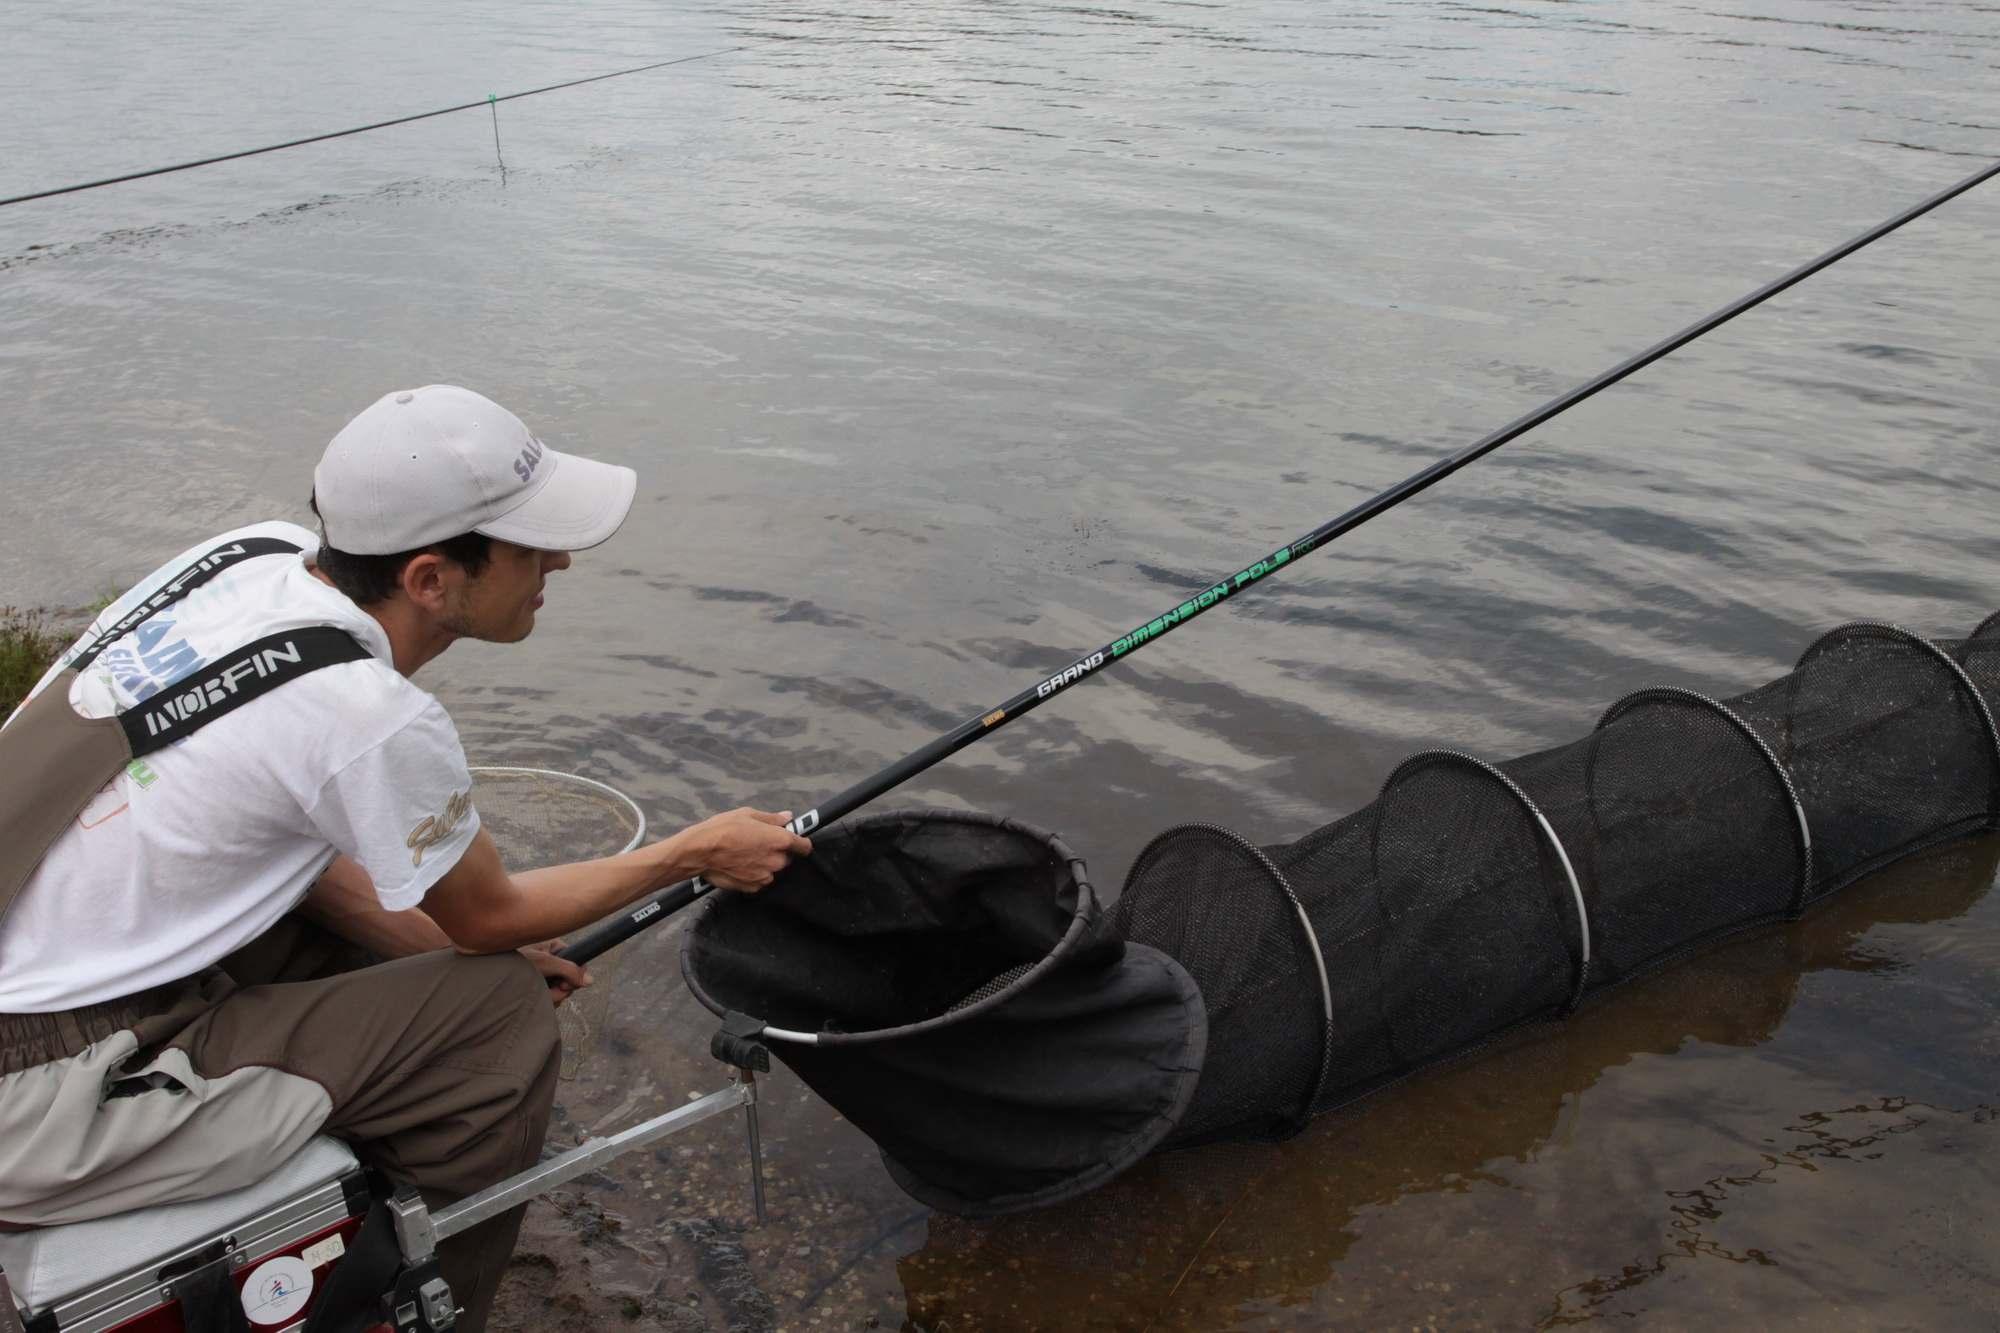 Рыбалка на маховую удочку весной, Ловля весной на маховую удочку Рыбалка - клев тут 15 фотография